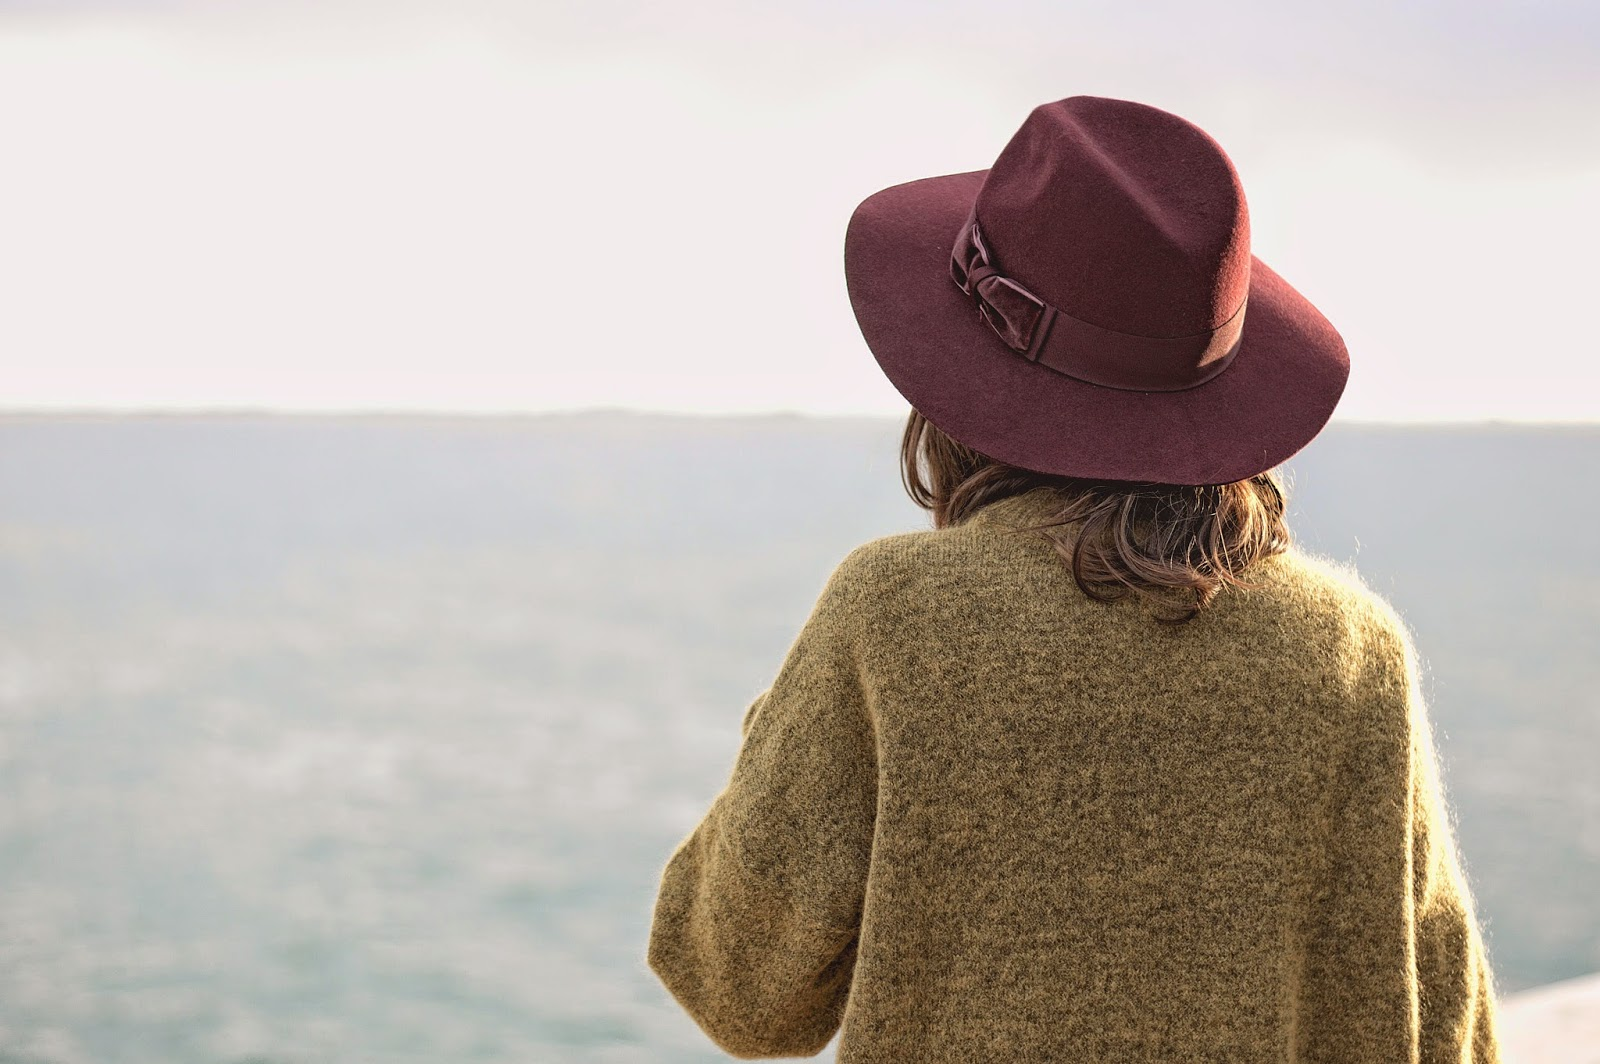 jersey y sombrero H&M, tejanos Mango, botines Zara